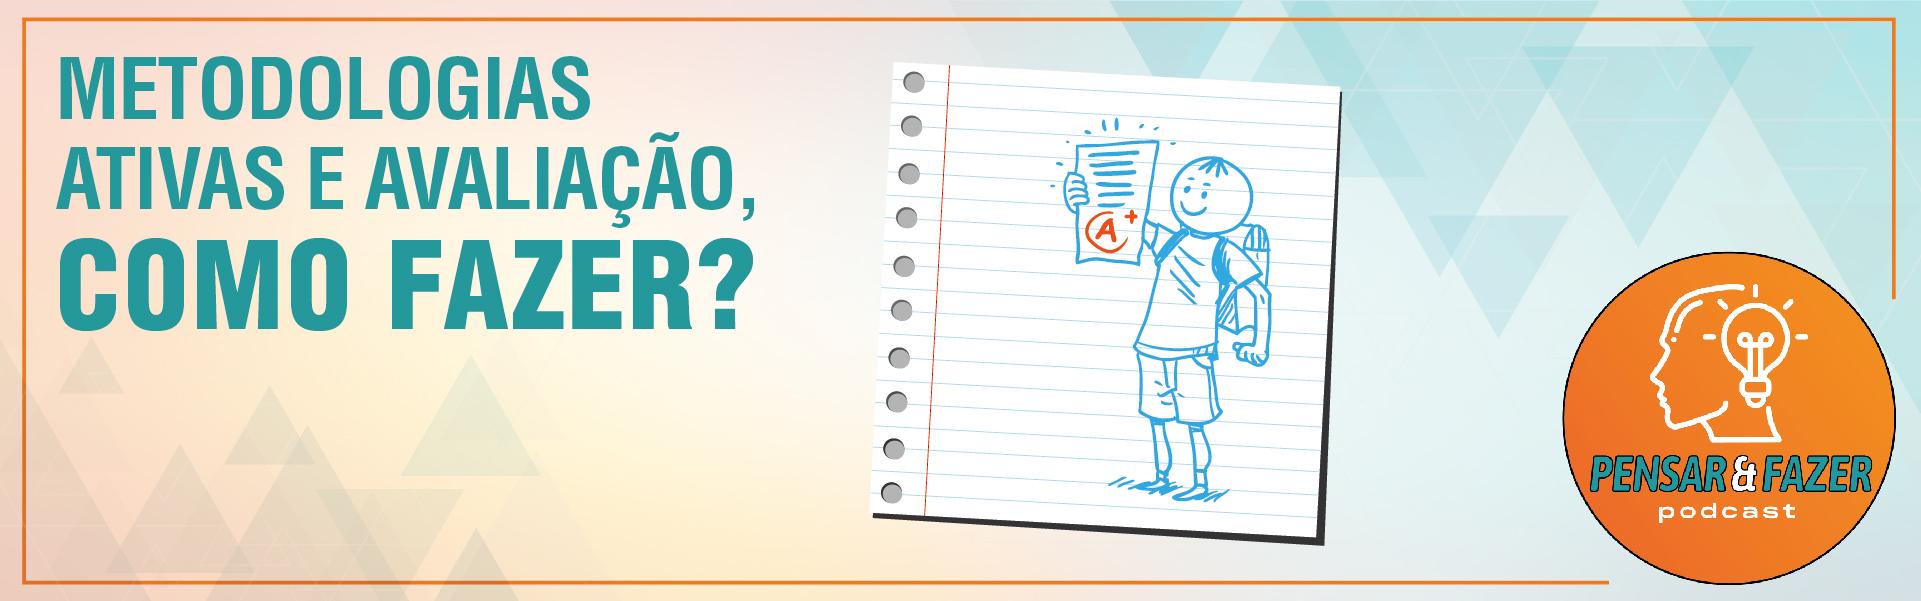 #5 – Metodologias ativas e avaliação: como se faz?